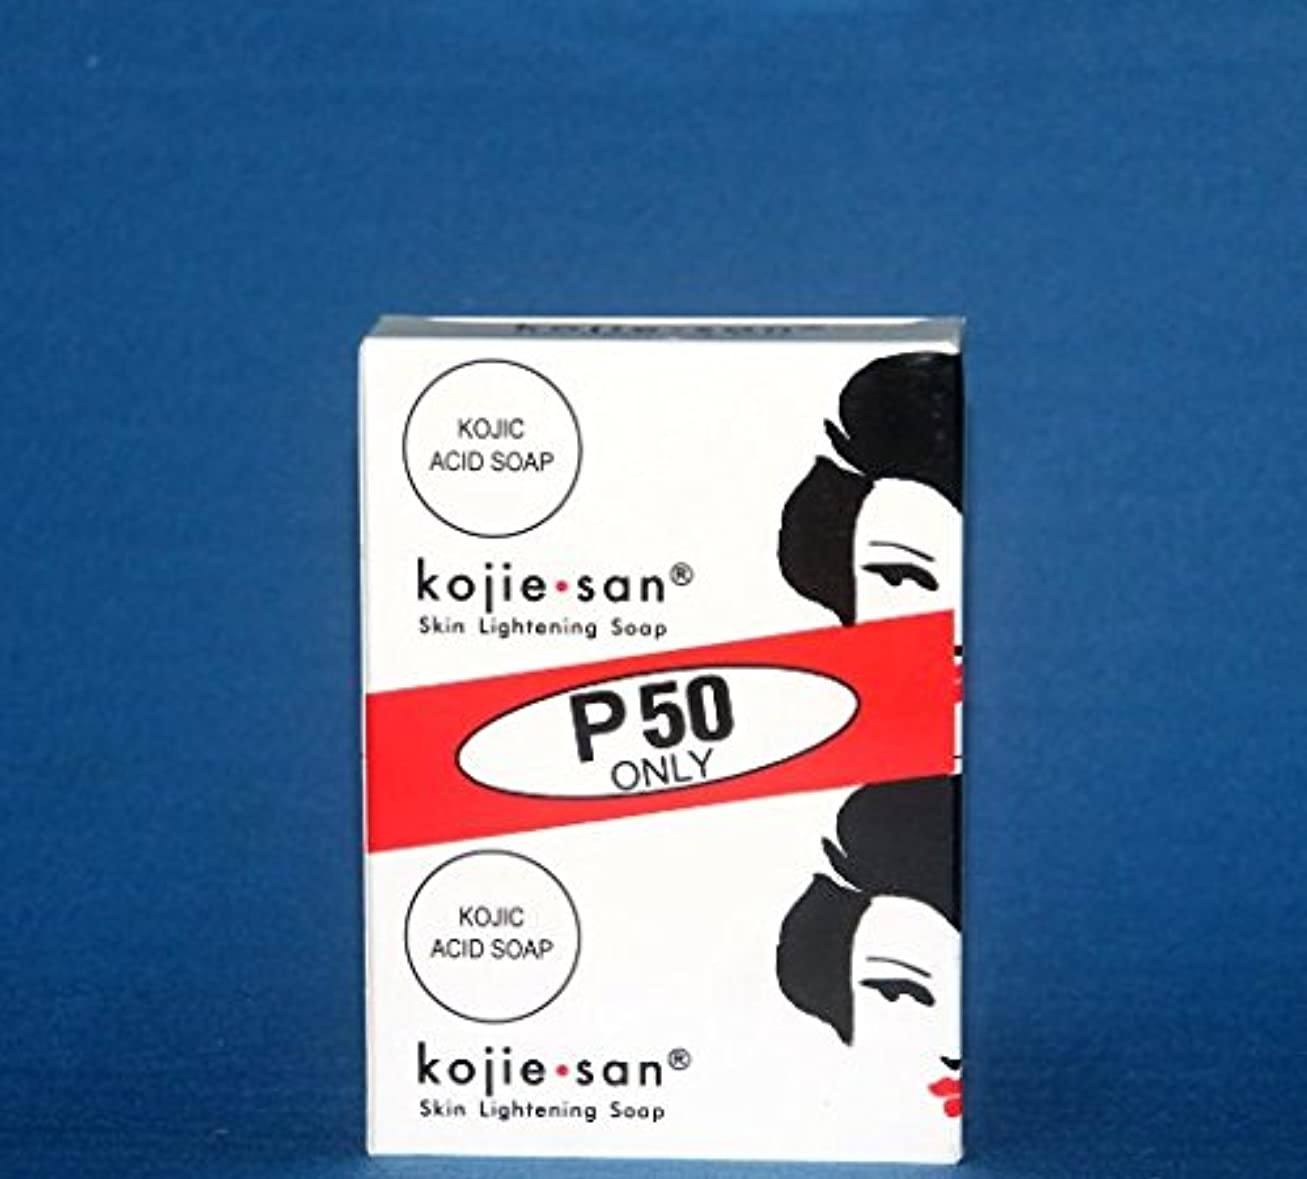 意外折るライムKojie san Skin Lightening Soap 2 pcs こじえさん スキンライトニングソープ 2個 パック [並行輸入品]